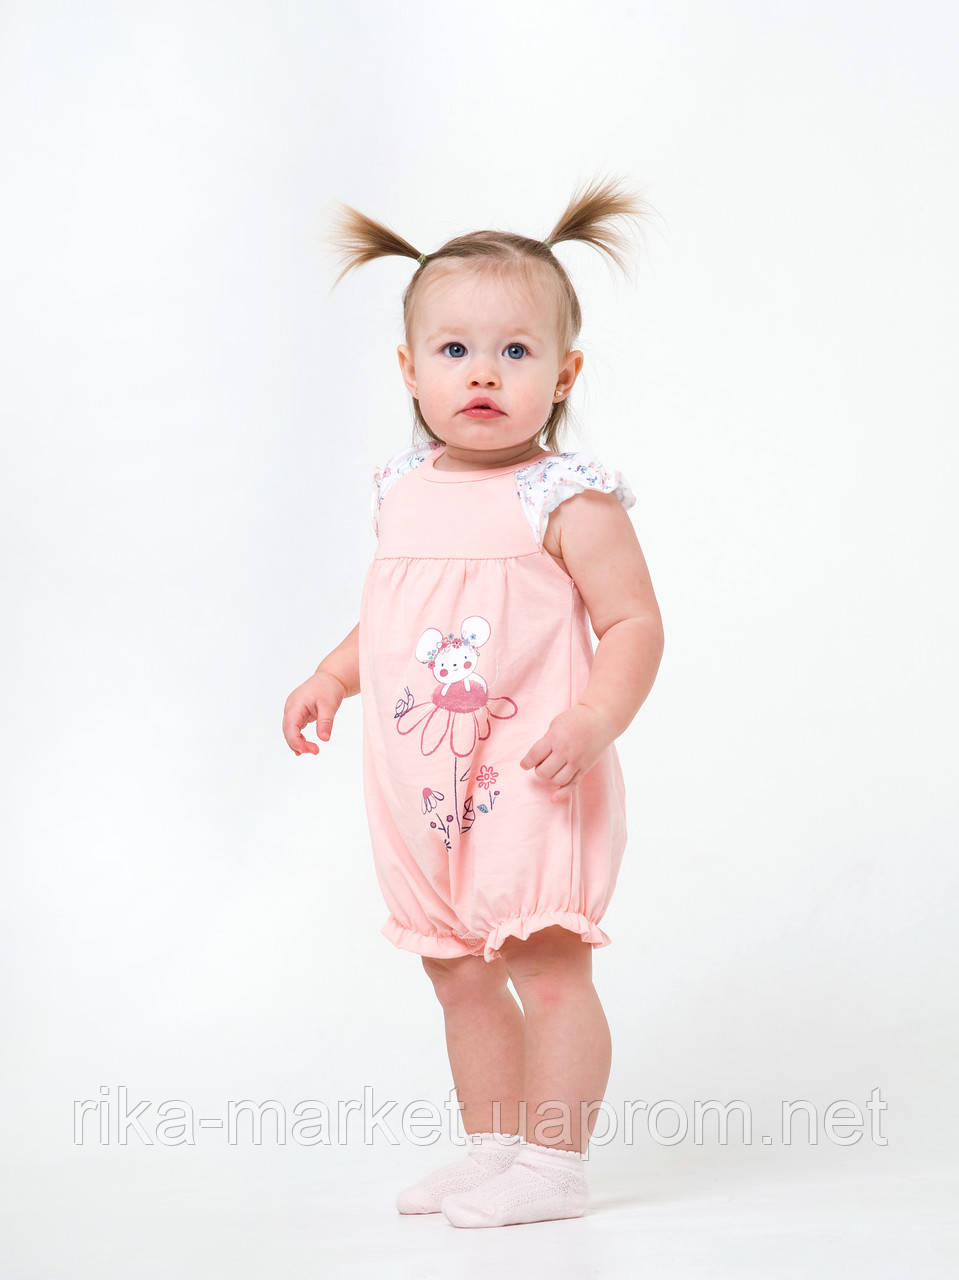 Песочник для девочки, Смил, от 6 до 18 месяцев, 111272